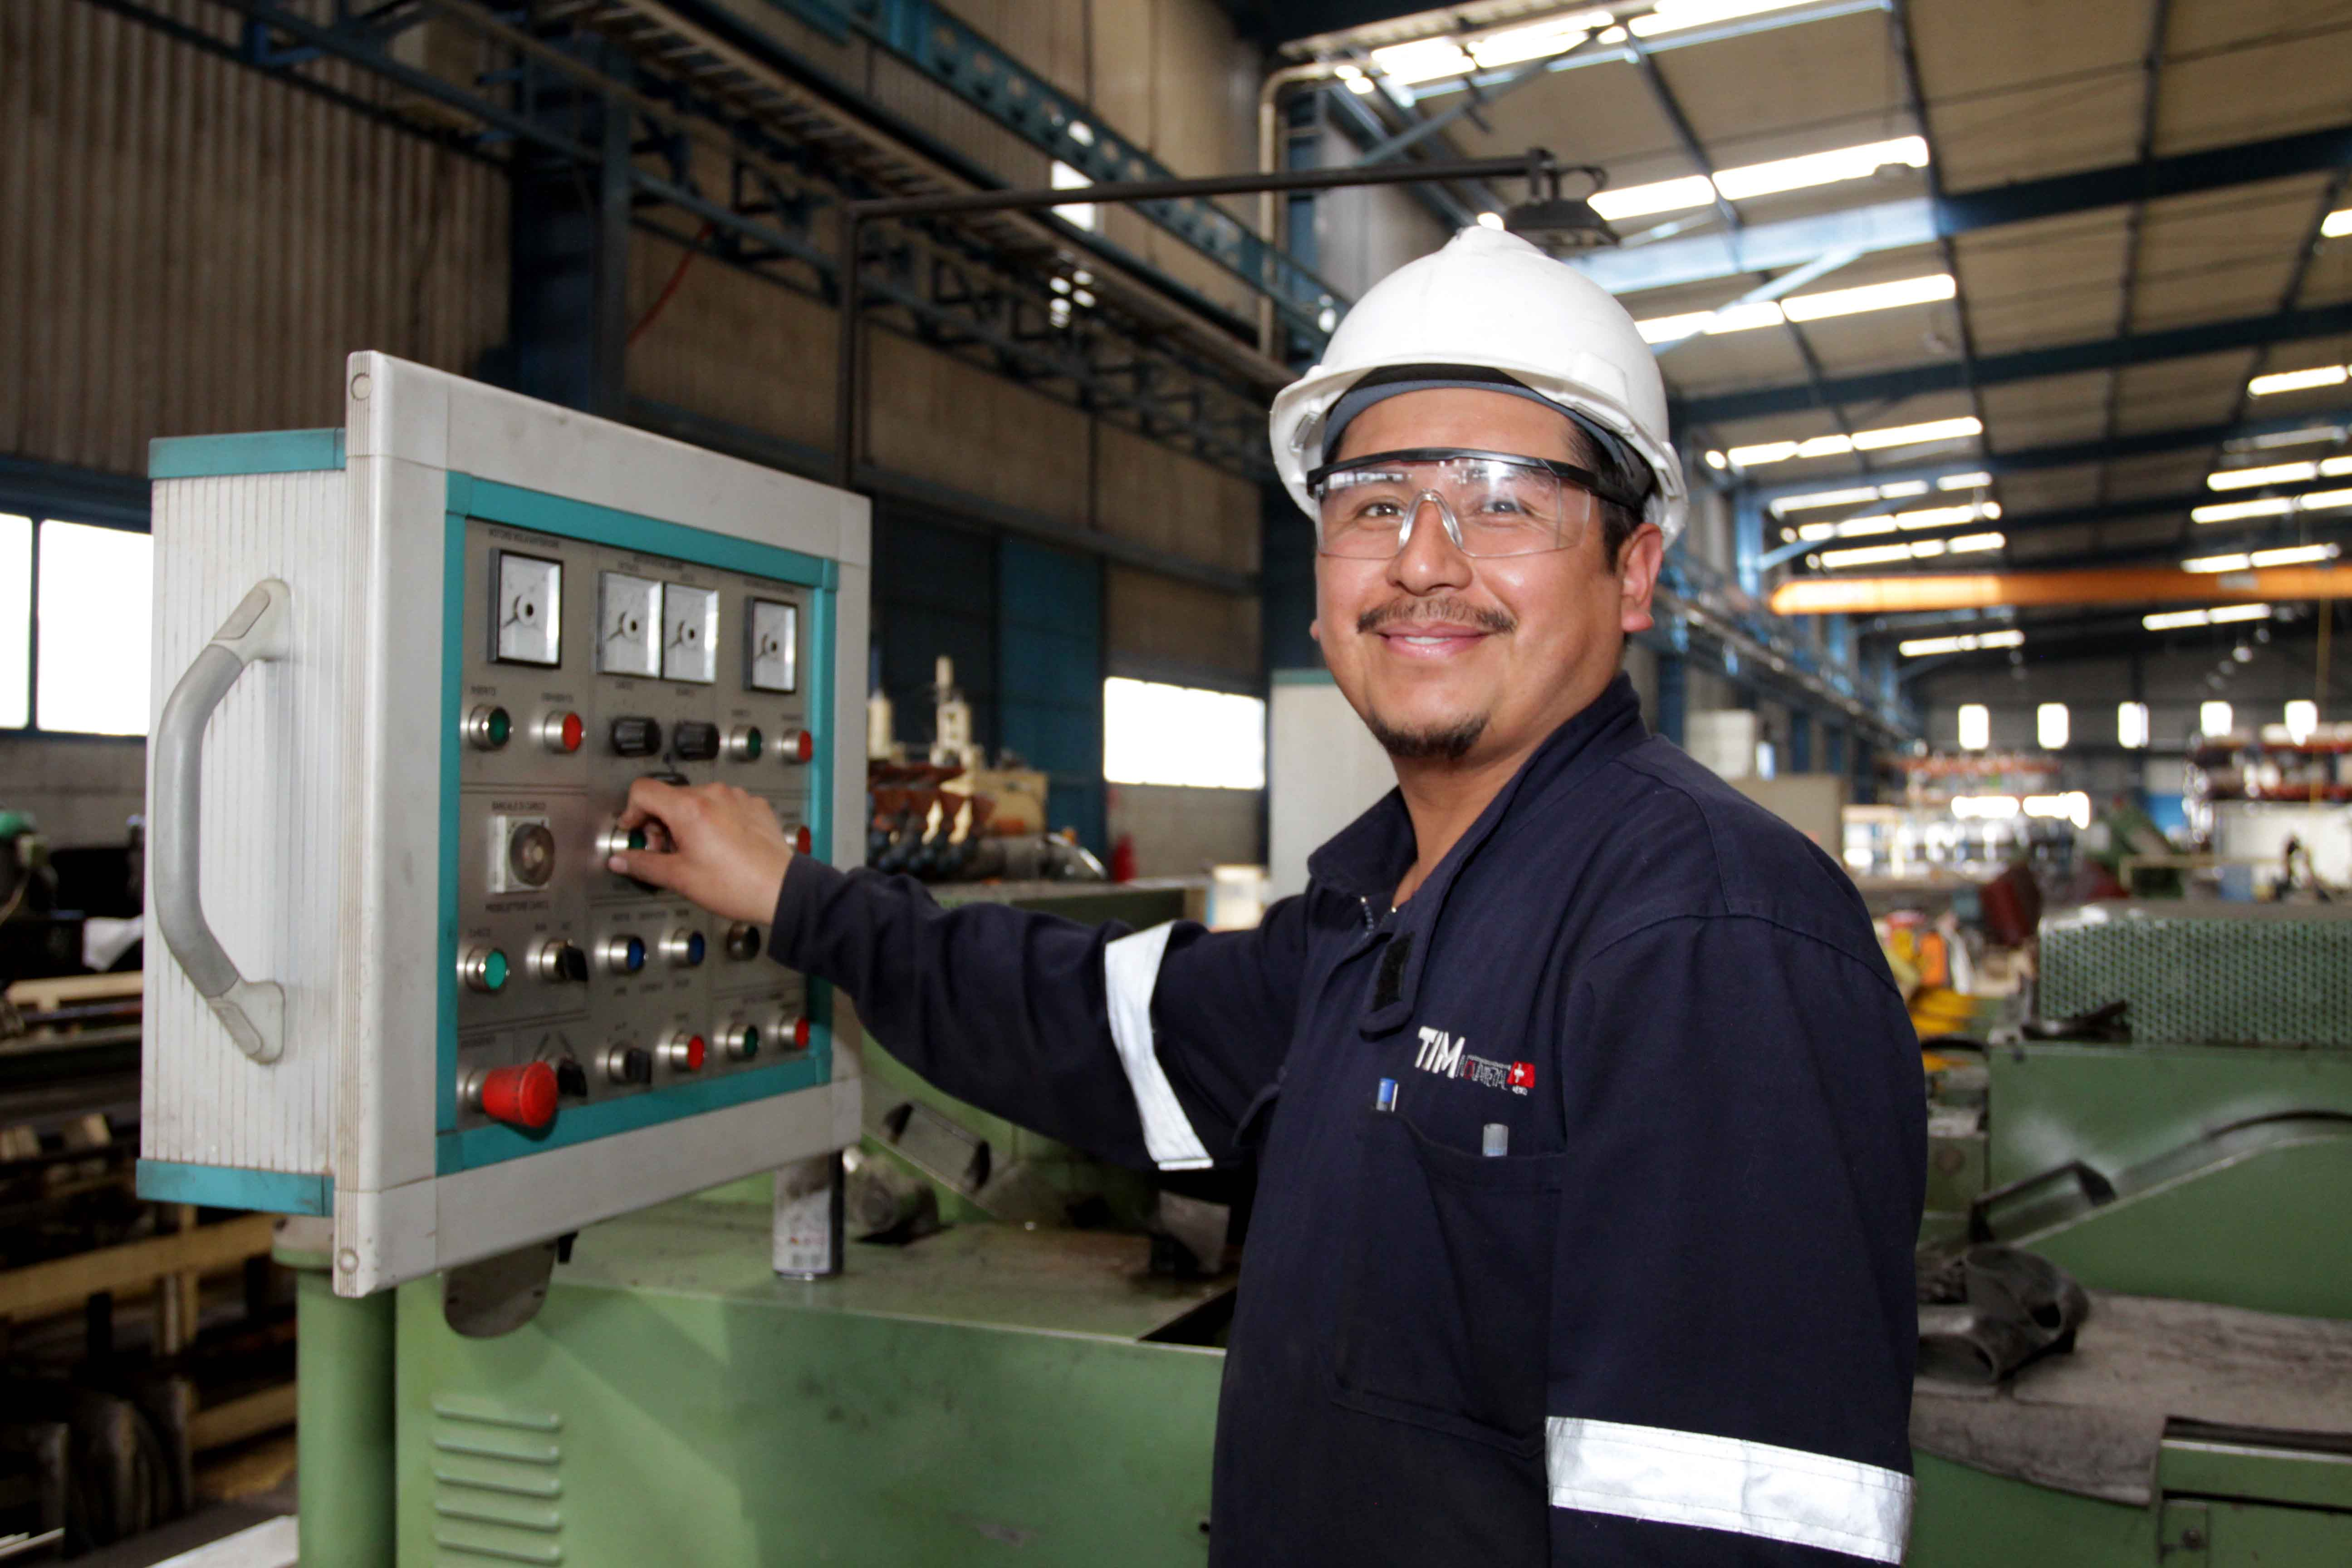 Crece empleo formal a niveles históricos: SEDECO